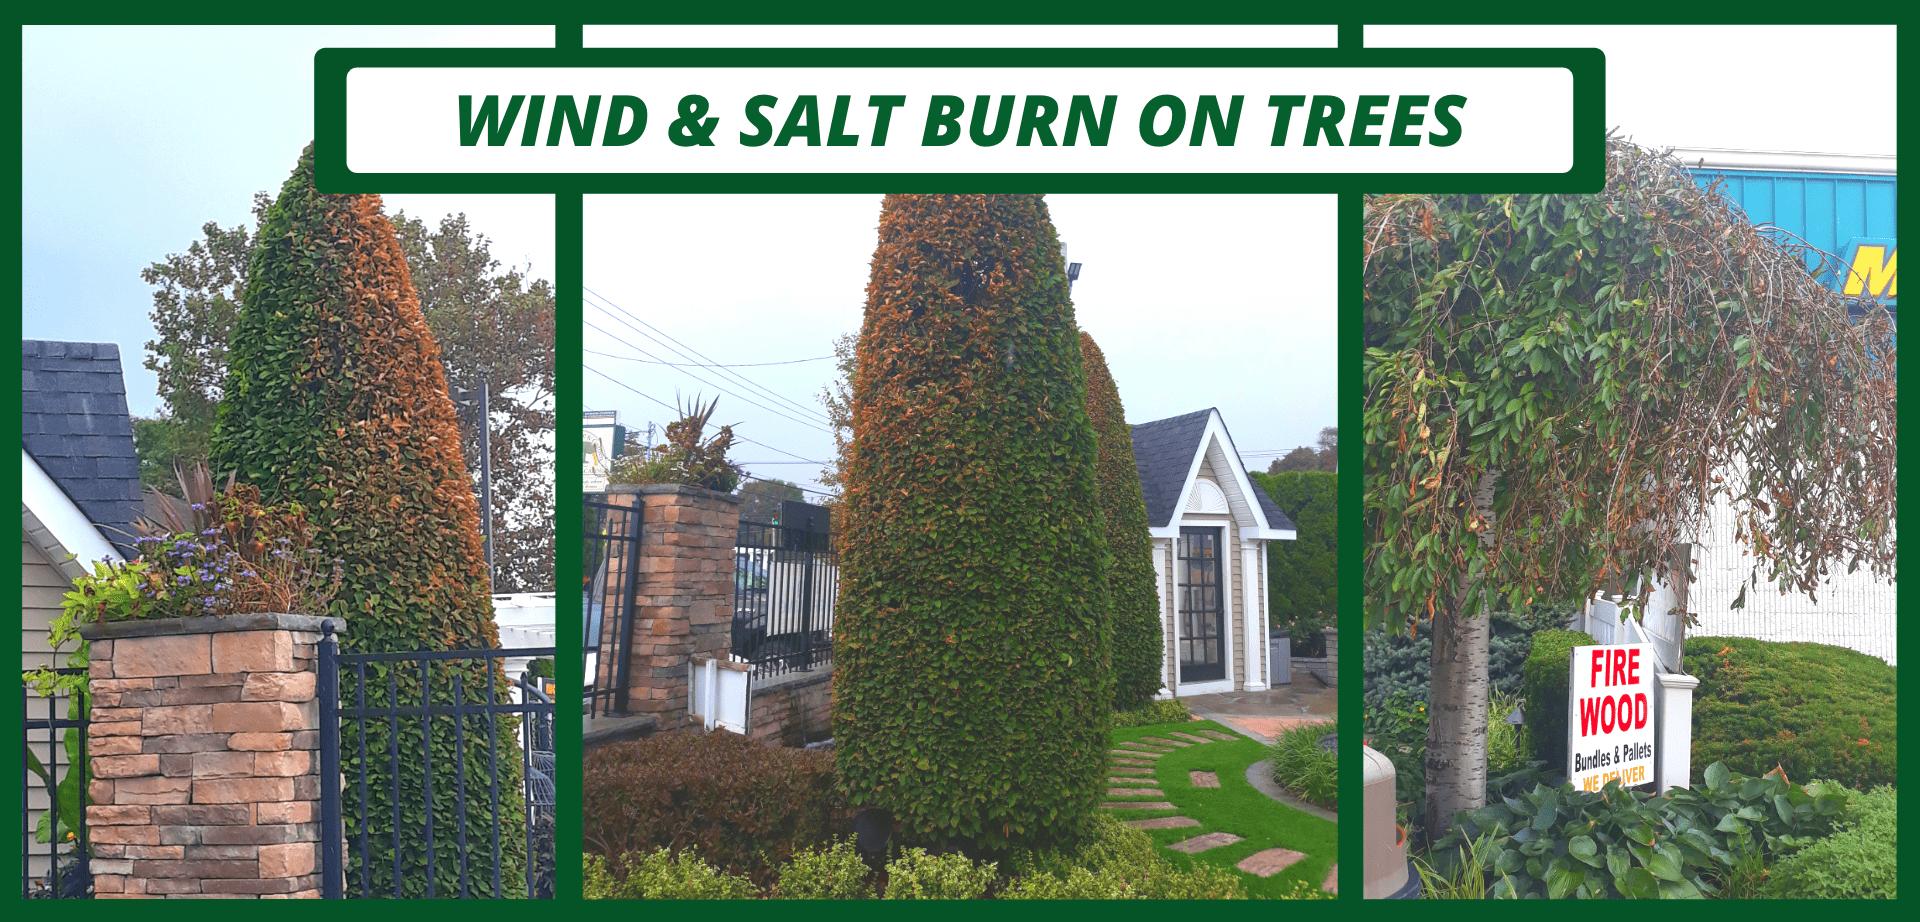 WIND & SALT BURN ON TREES